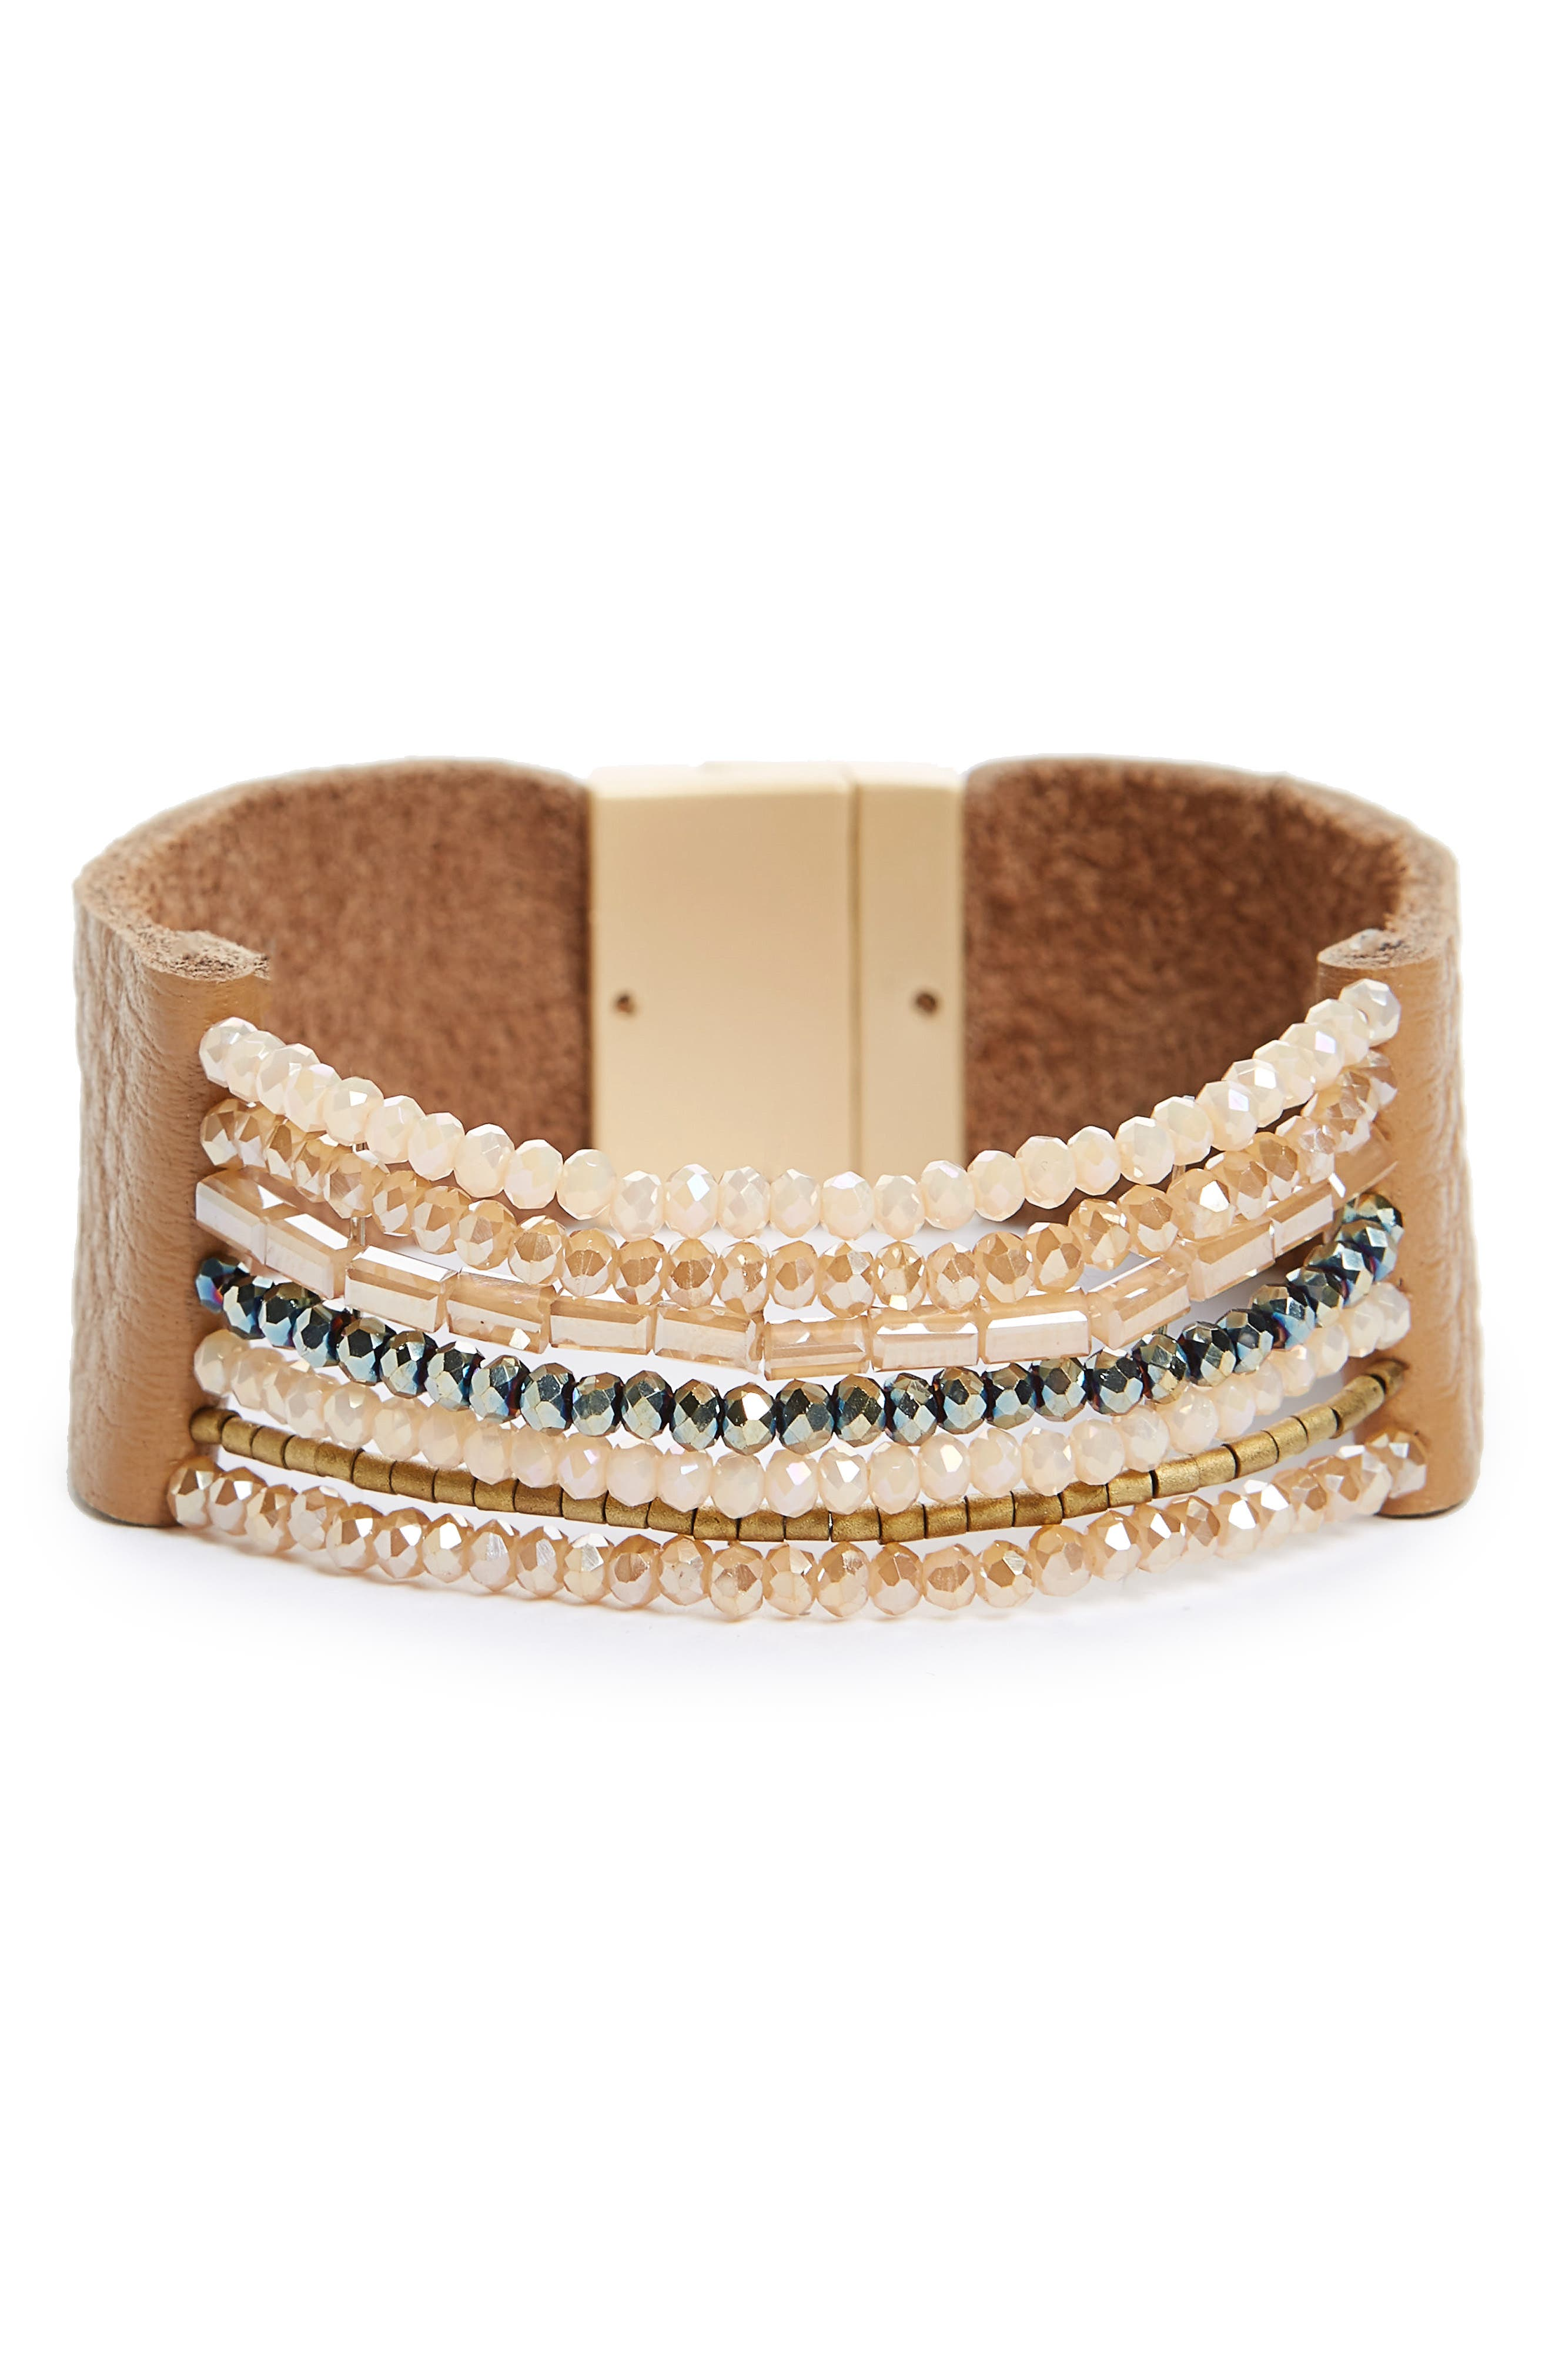 Panacea Beaded Leather Cuff Bracelet